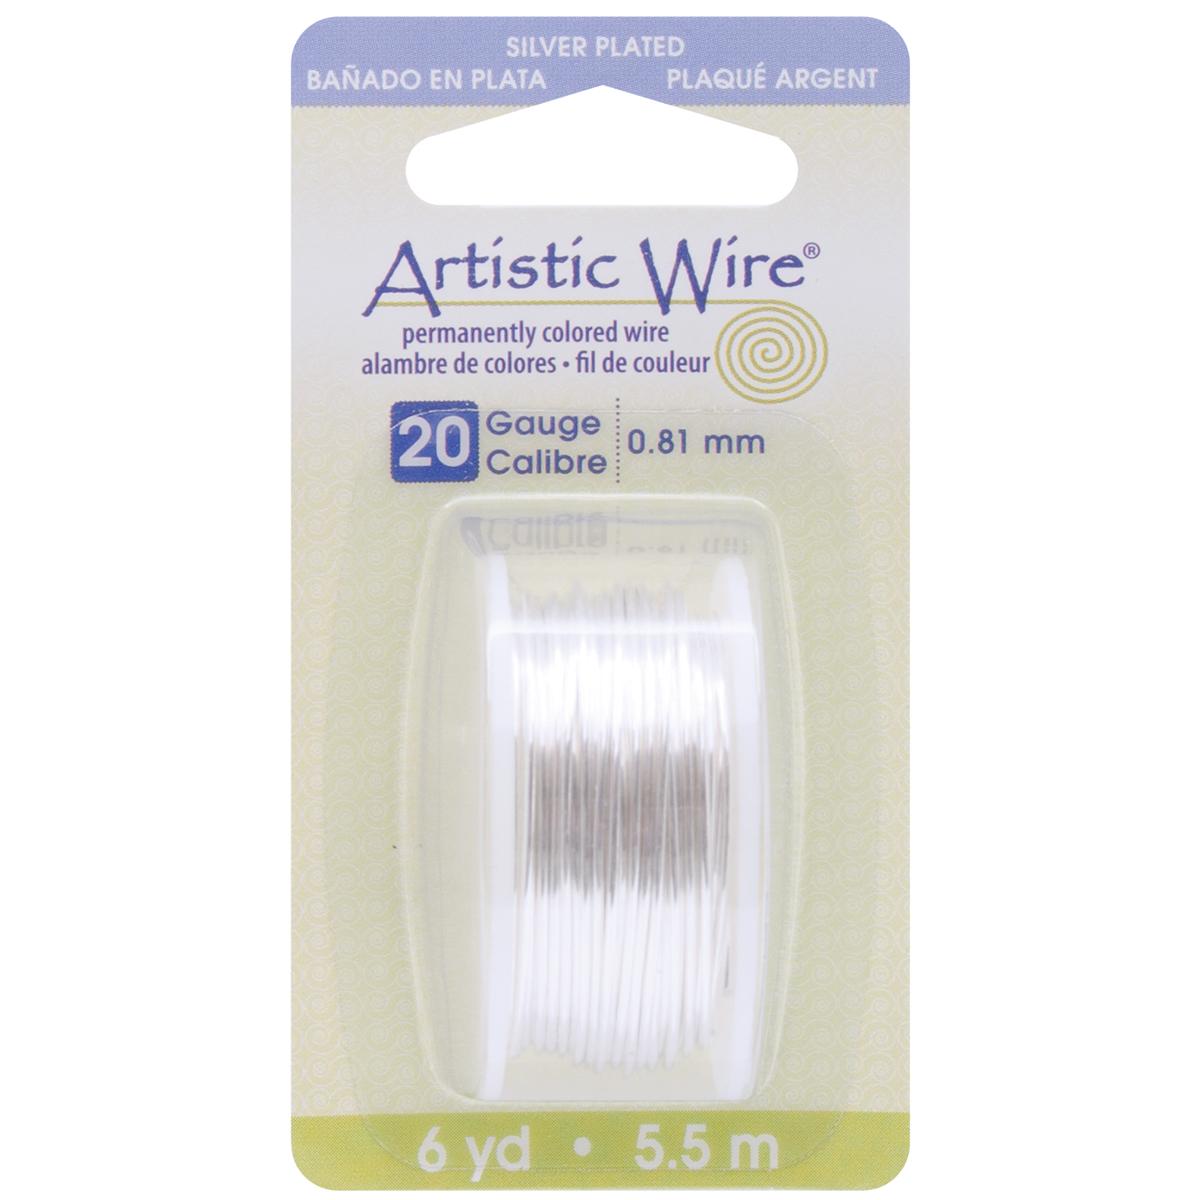 Artistic Wire-Silver - 20 Gauge, 6yd